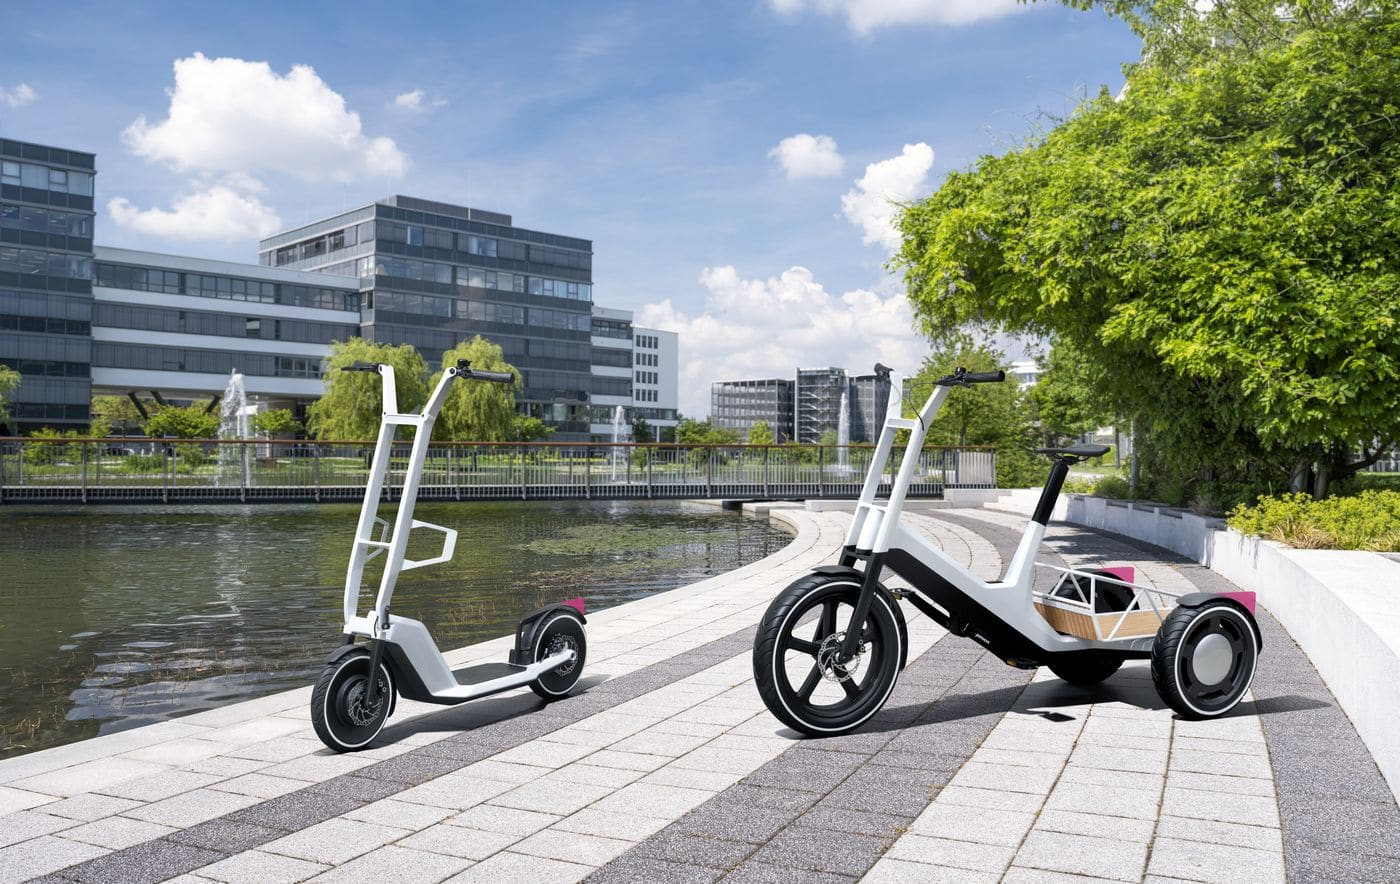 Vélo cargo et trottinette : BMW révèle deux concepts électriques inédits